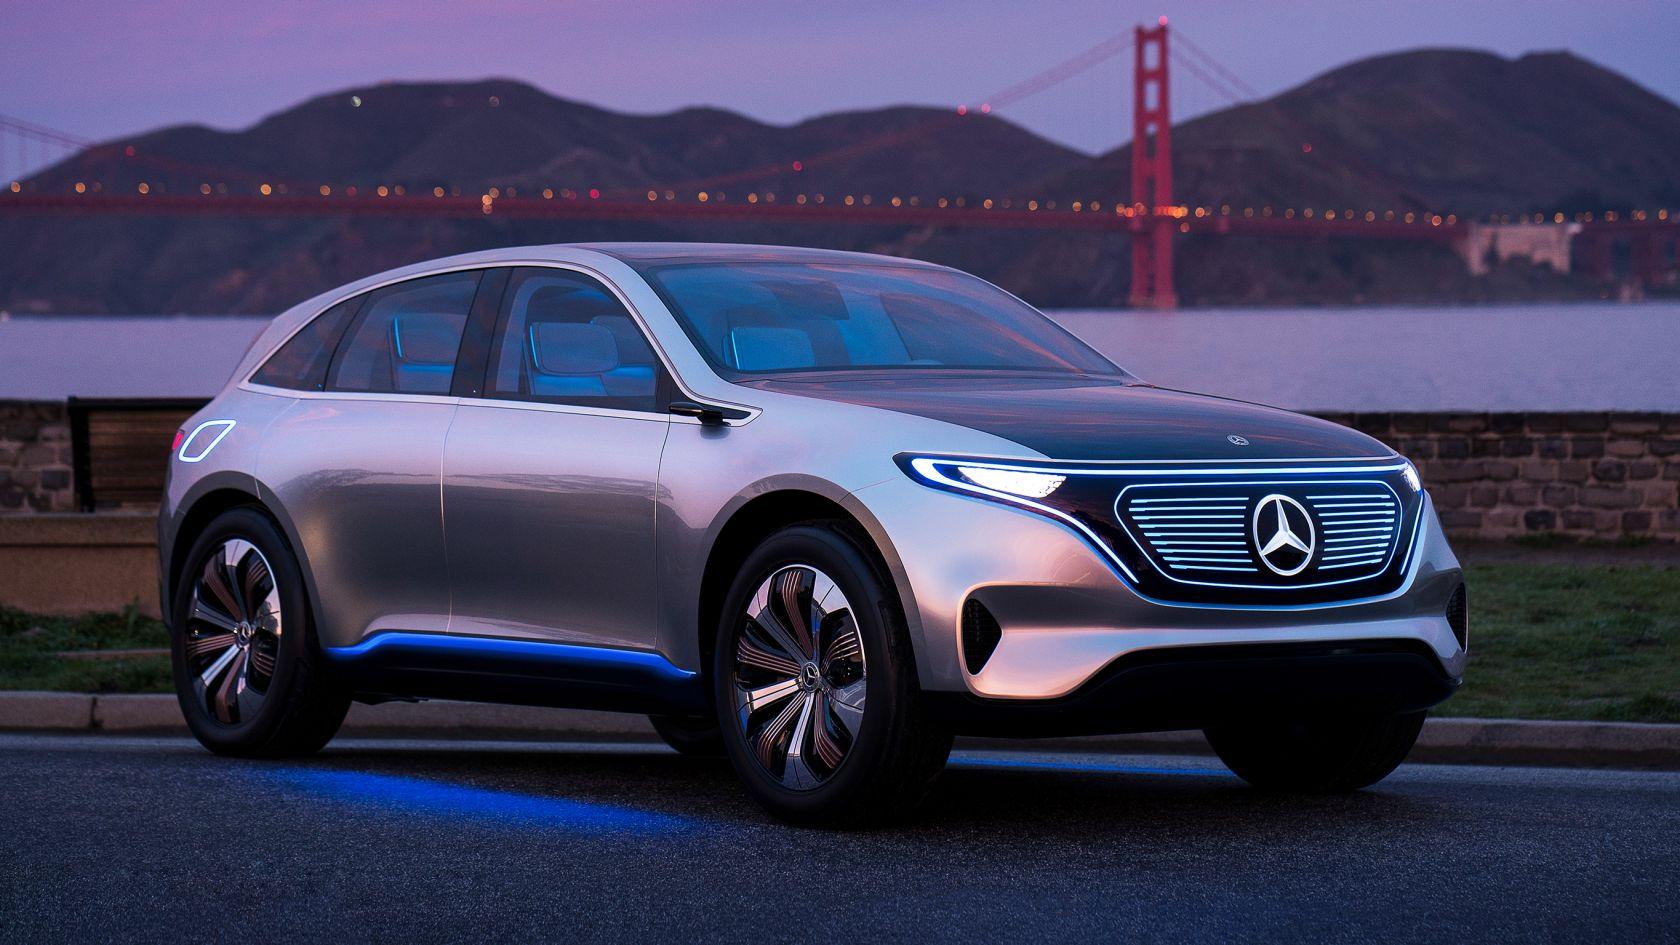 EQ: главное имя современной электромобильности